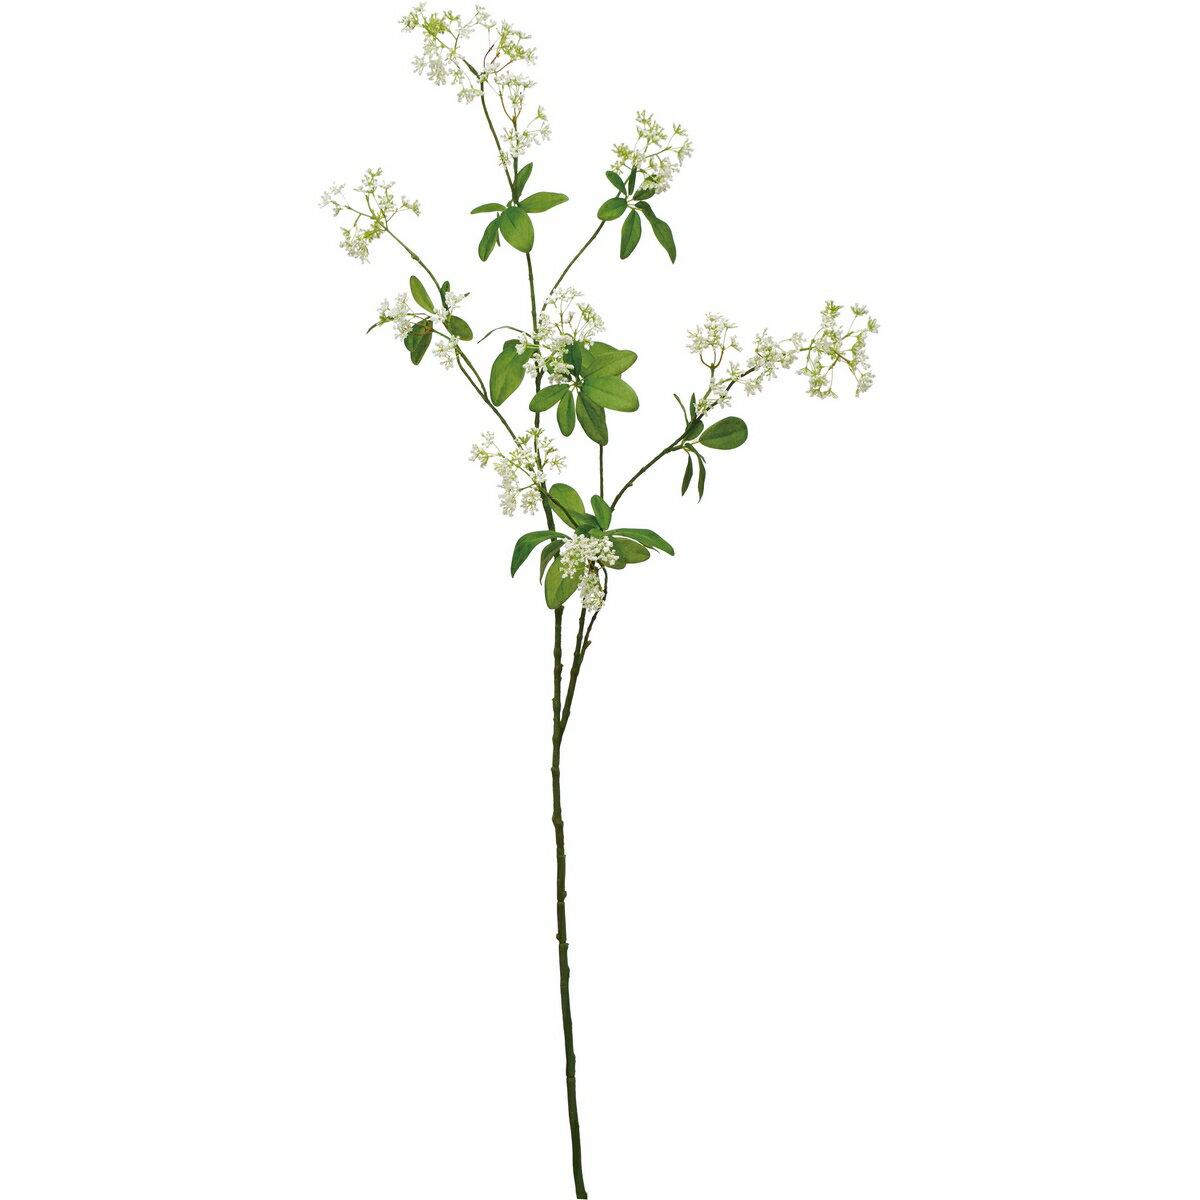 【造花】YDM/ディルフラワーブランチ ホワイト/FA7043-W【01】【01】【取寄】《 造花(アーティフィシャルフラワー) 造花 花材「た行」 その他「た行」造花花材 》